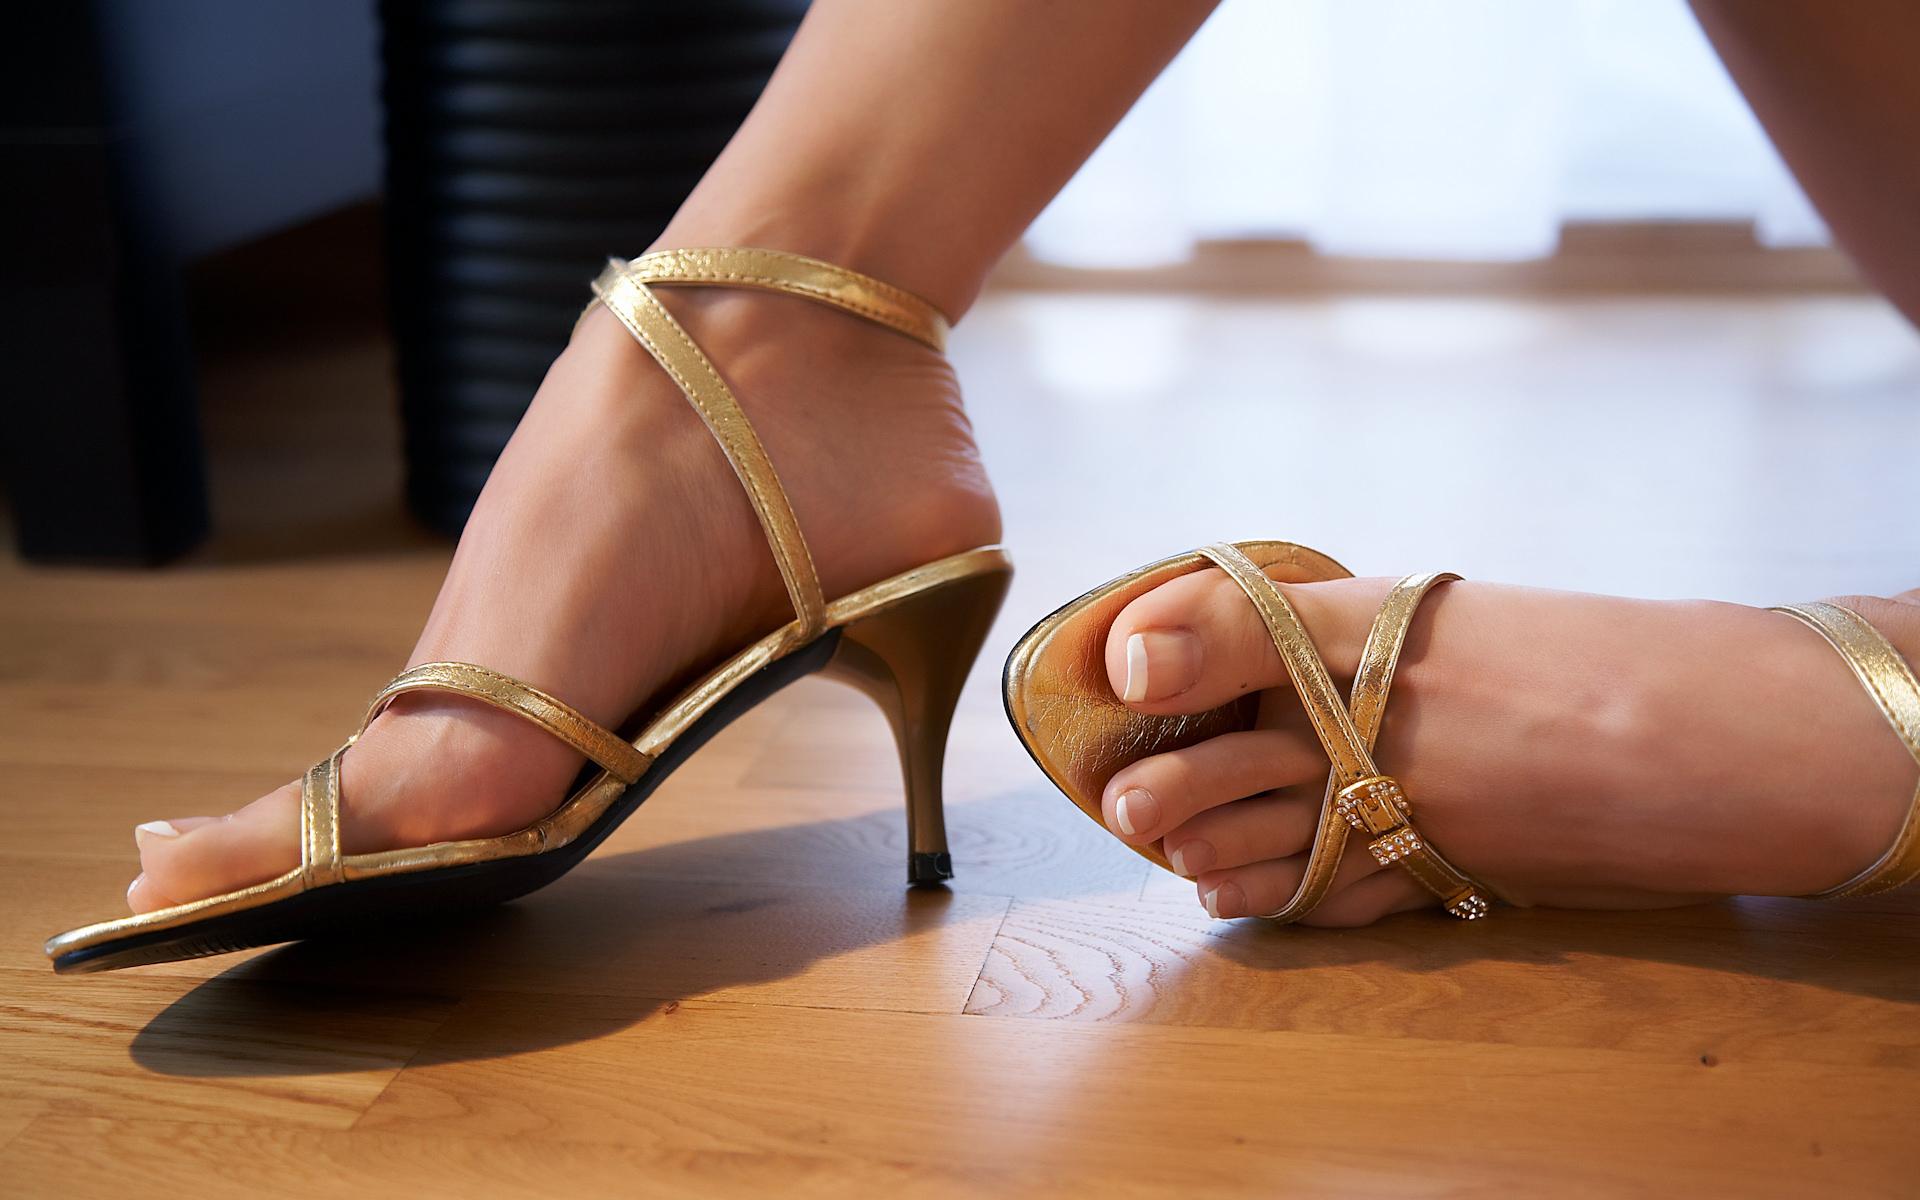 Фетиш стопы туфли фото 23 фотография